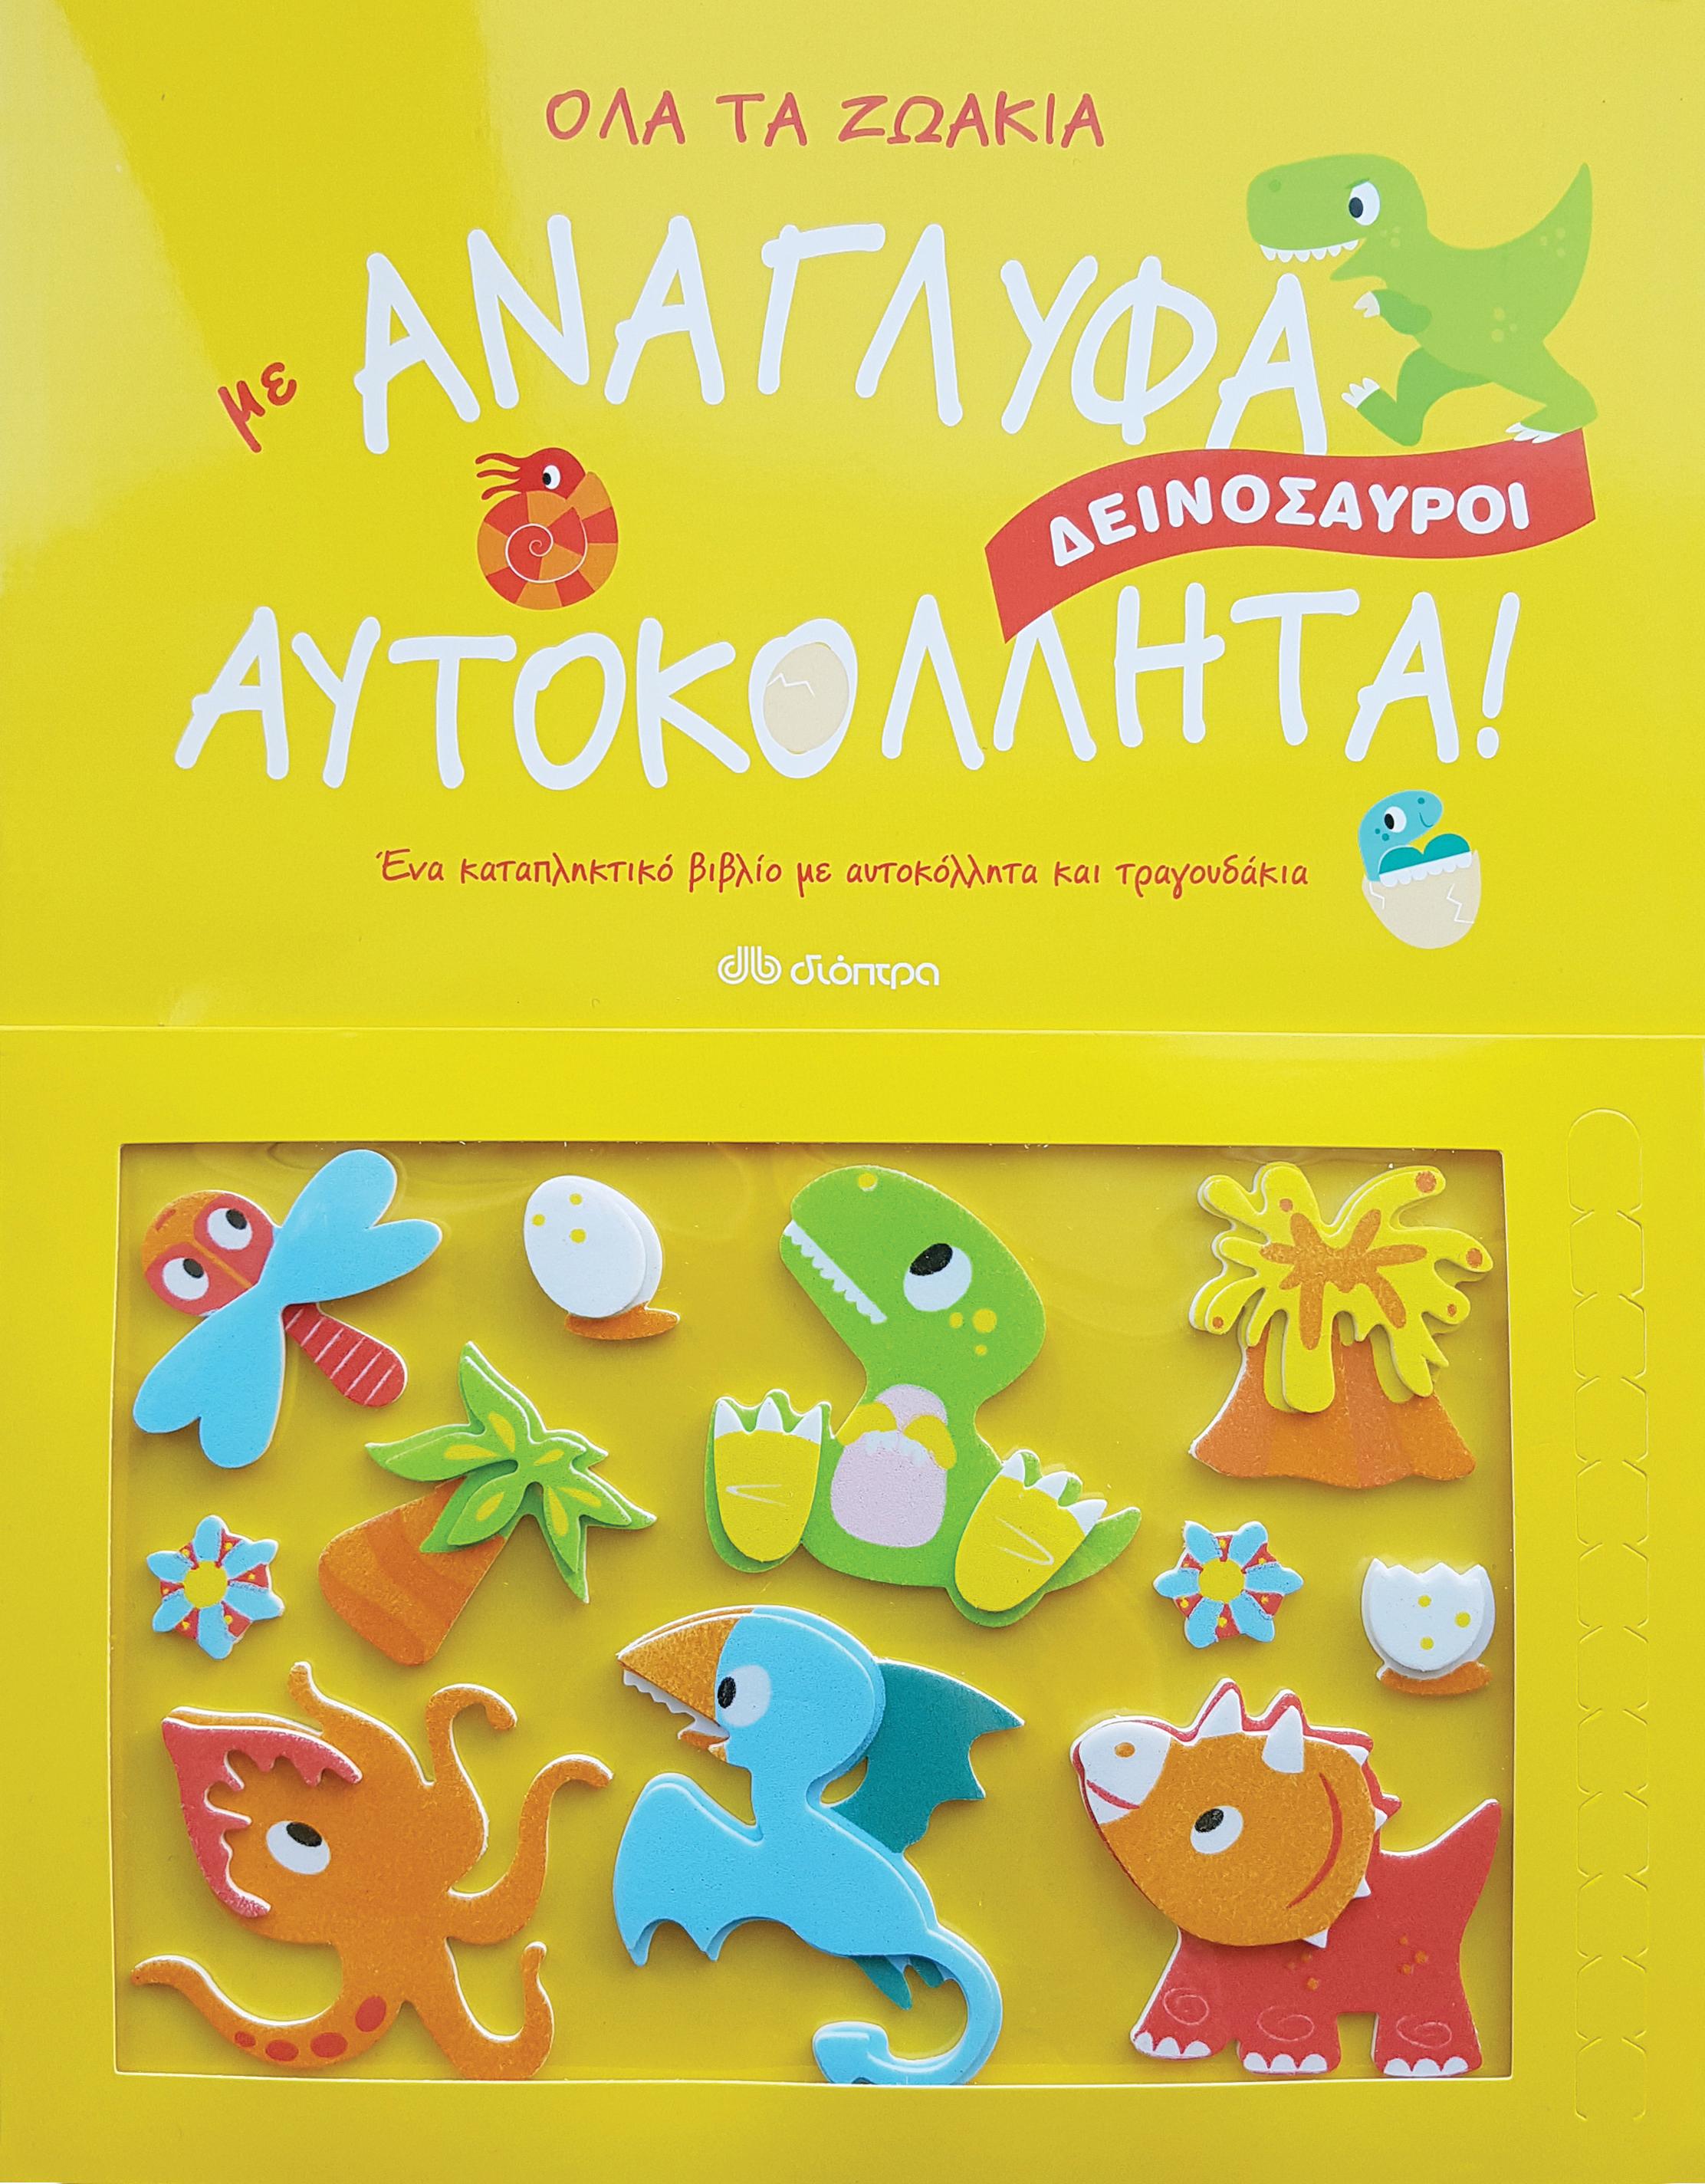 Όλα τα ζωάκια δεινόσαυροι με ανάγλυφα αυτοκόλλητα! παιδικά βιβλία